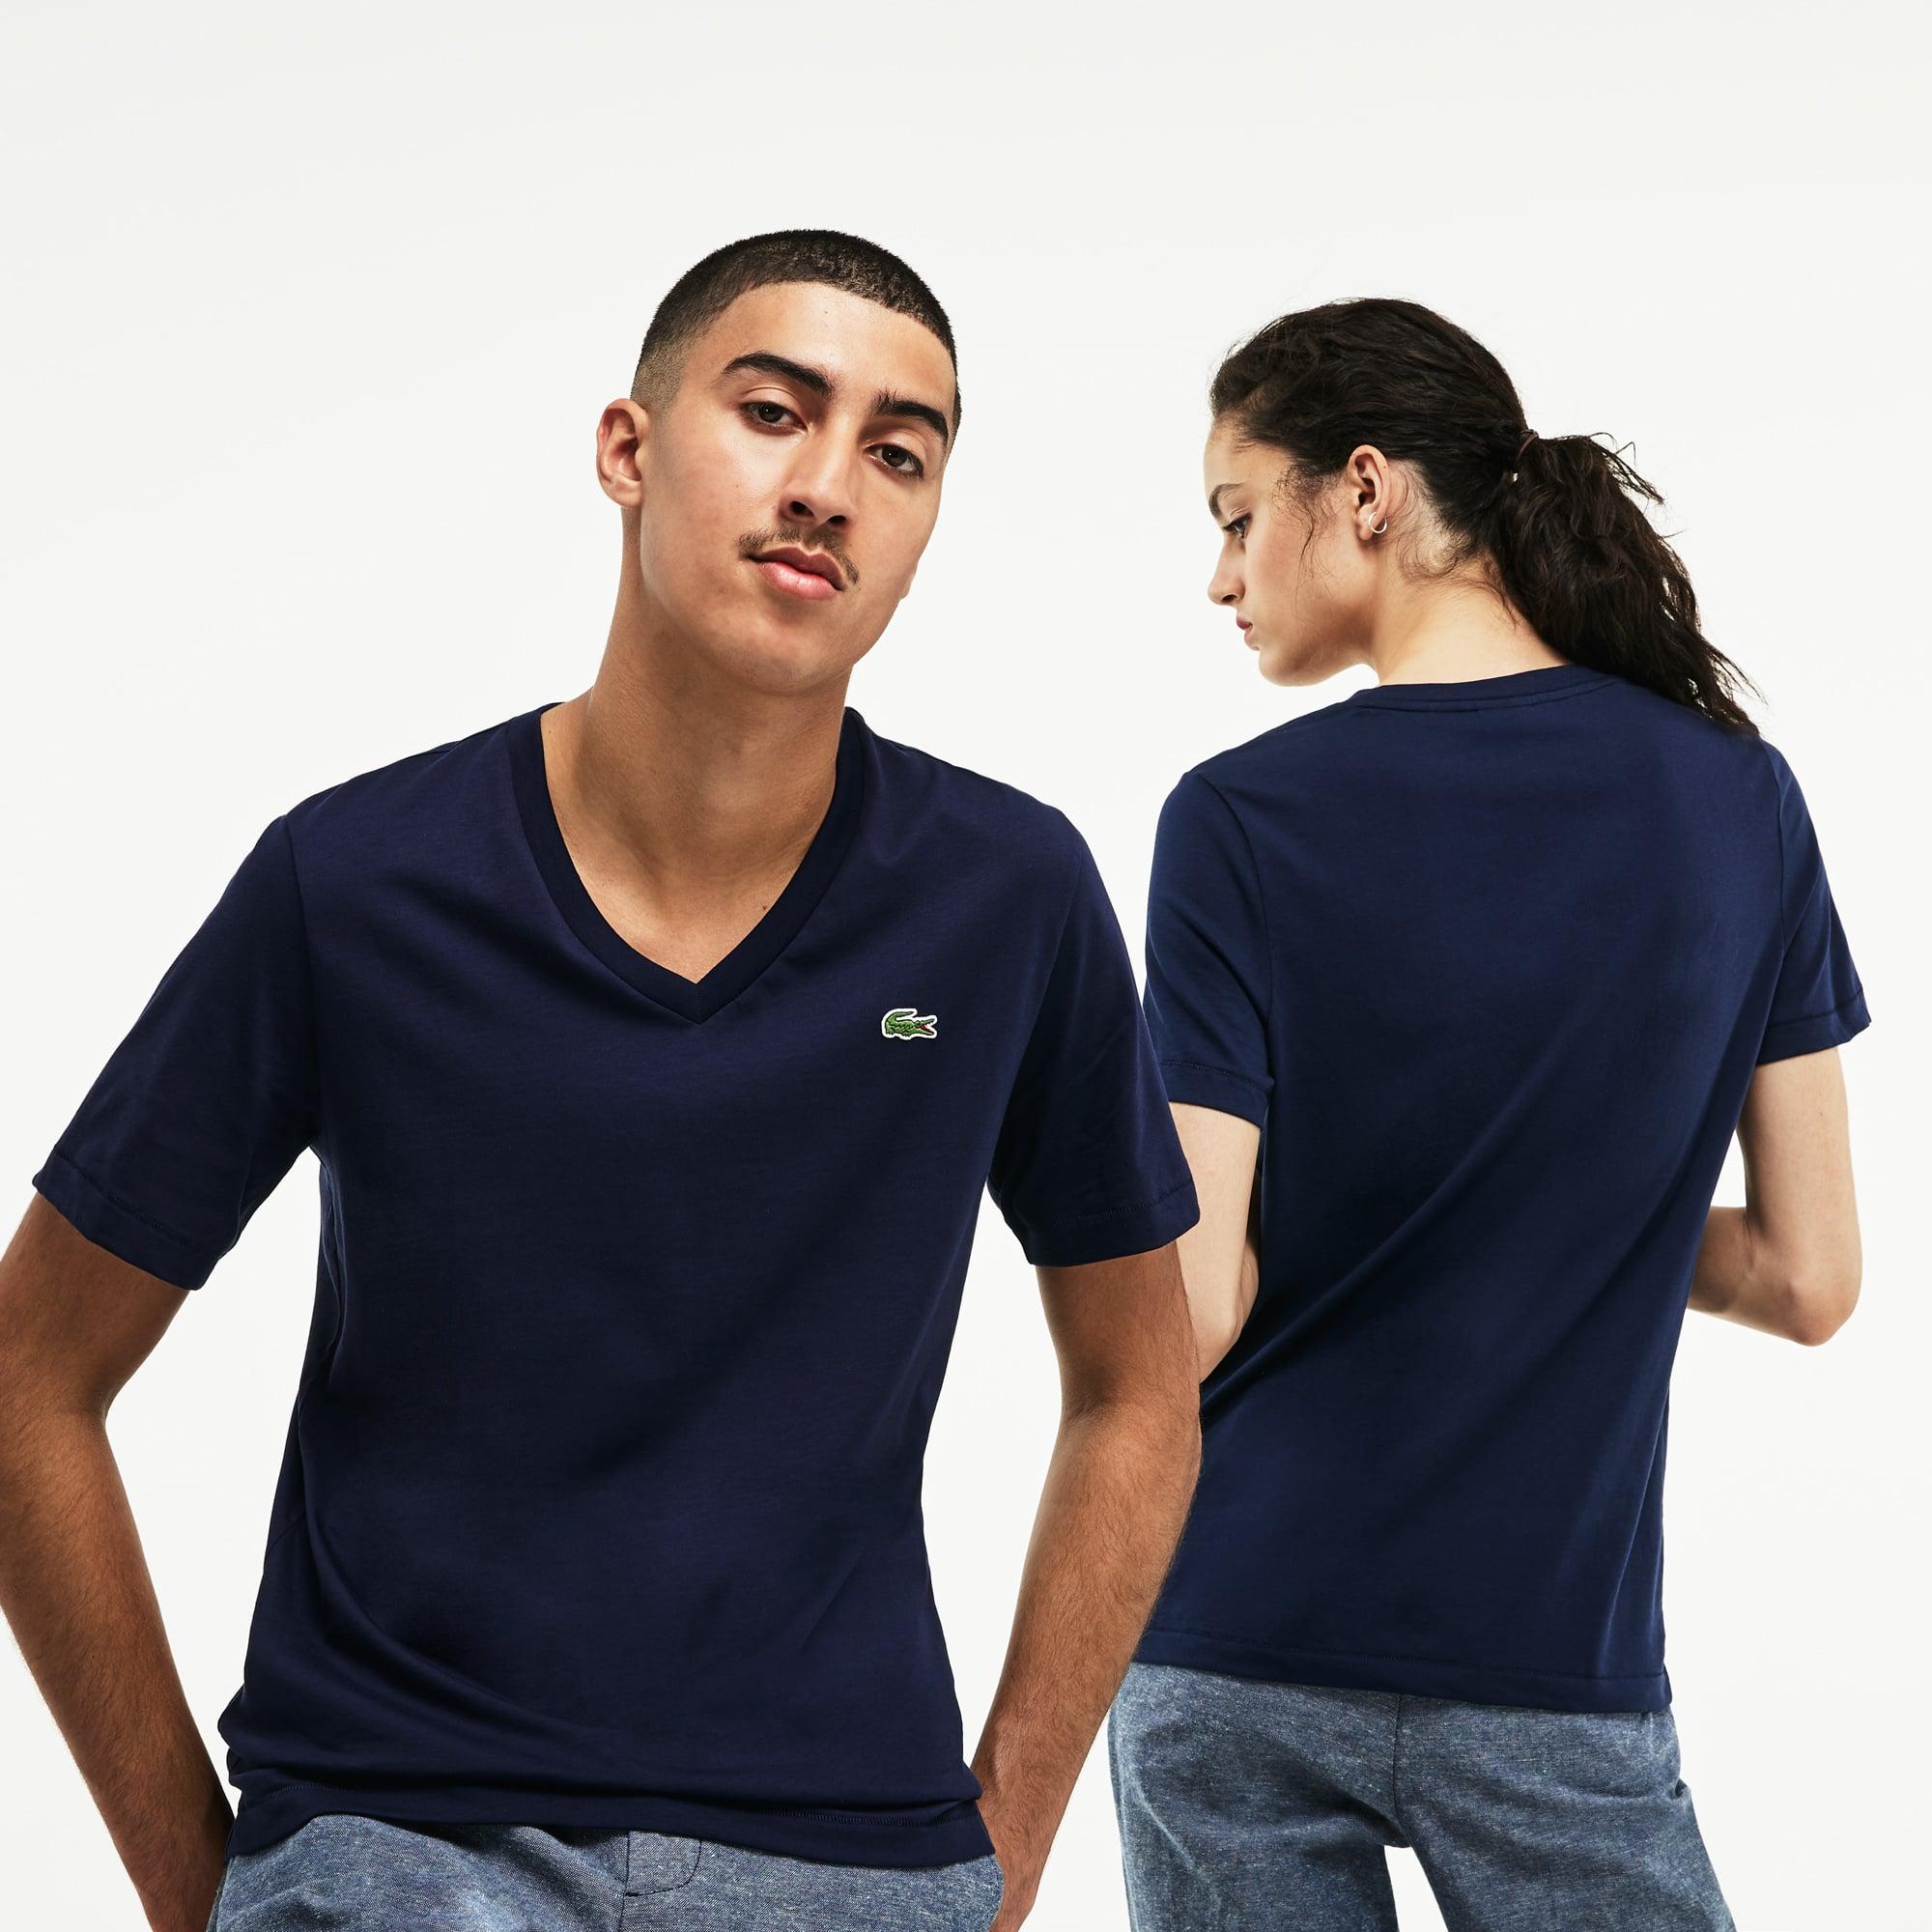 Unisex-T-Shirt mit V-Ausschnitt aus Baumwolljersey LACOSTE L!VE